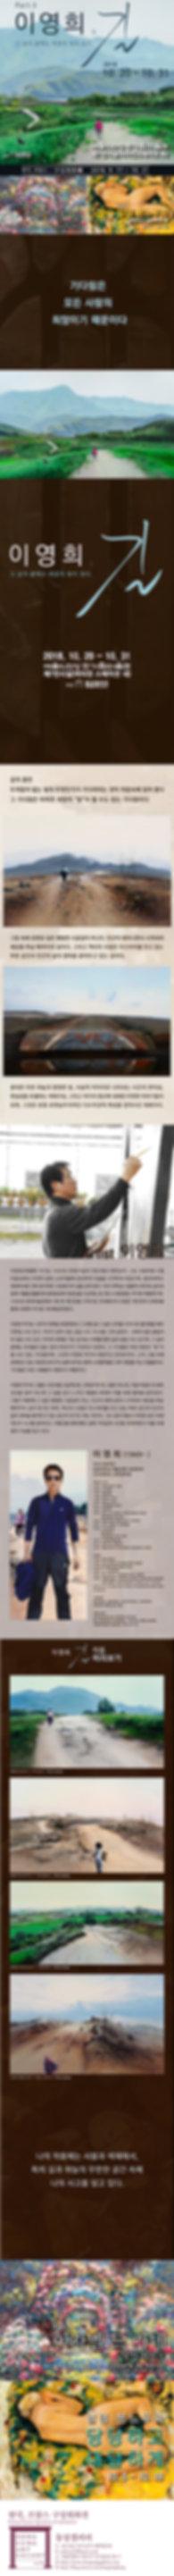 이영희_전시소개 이미지_예당용.jpg